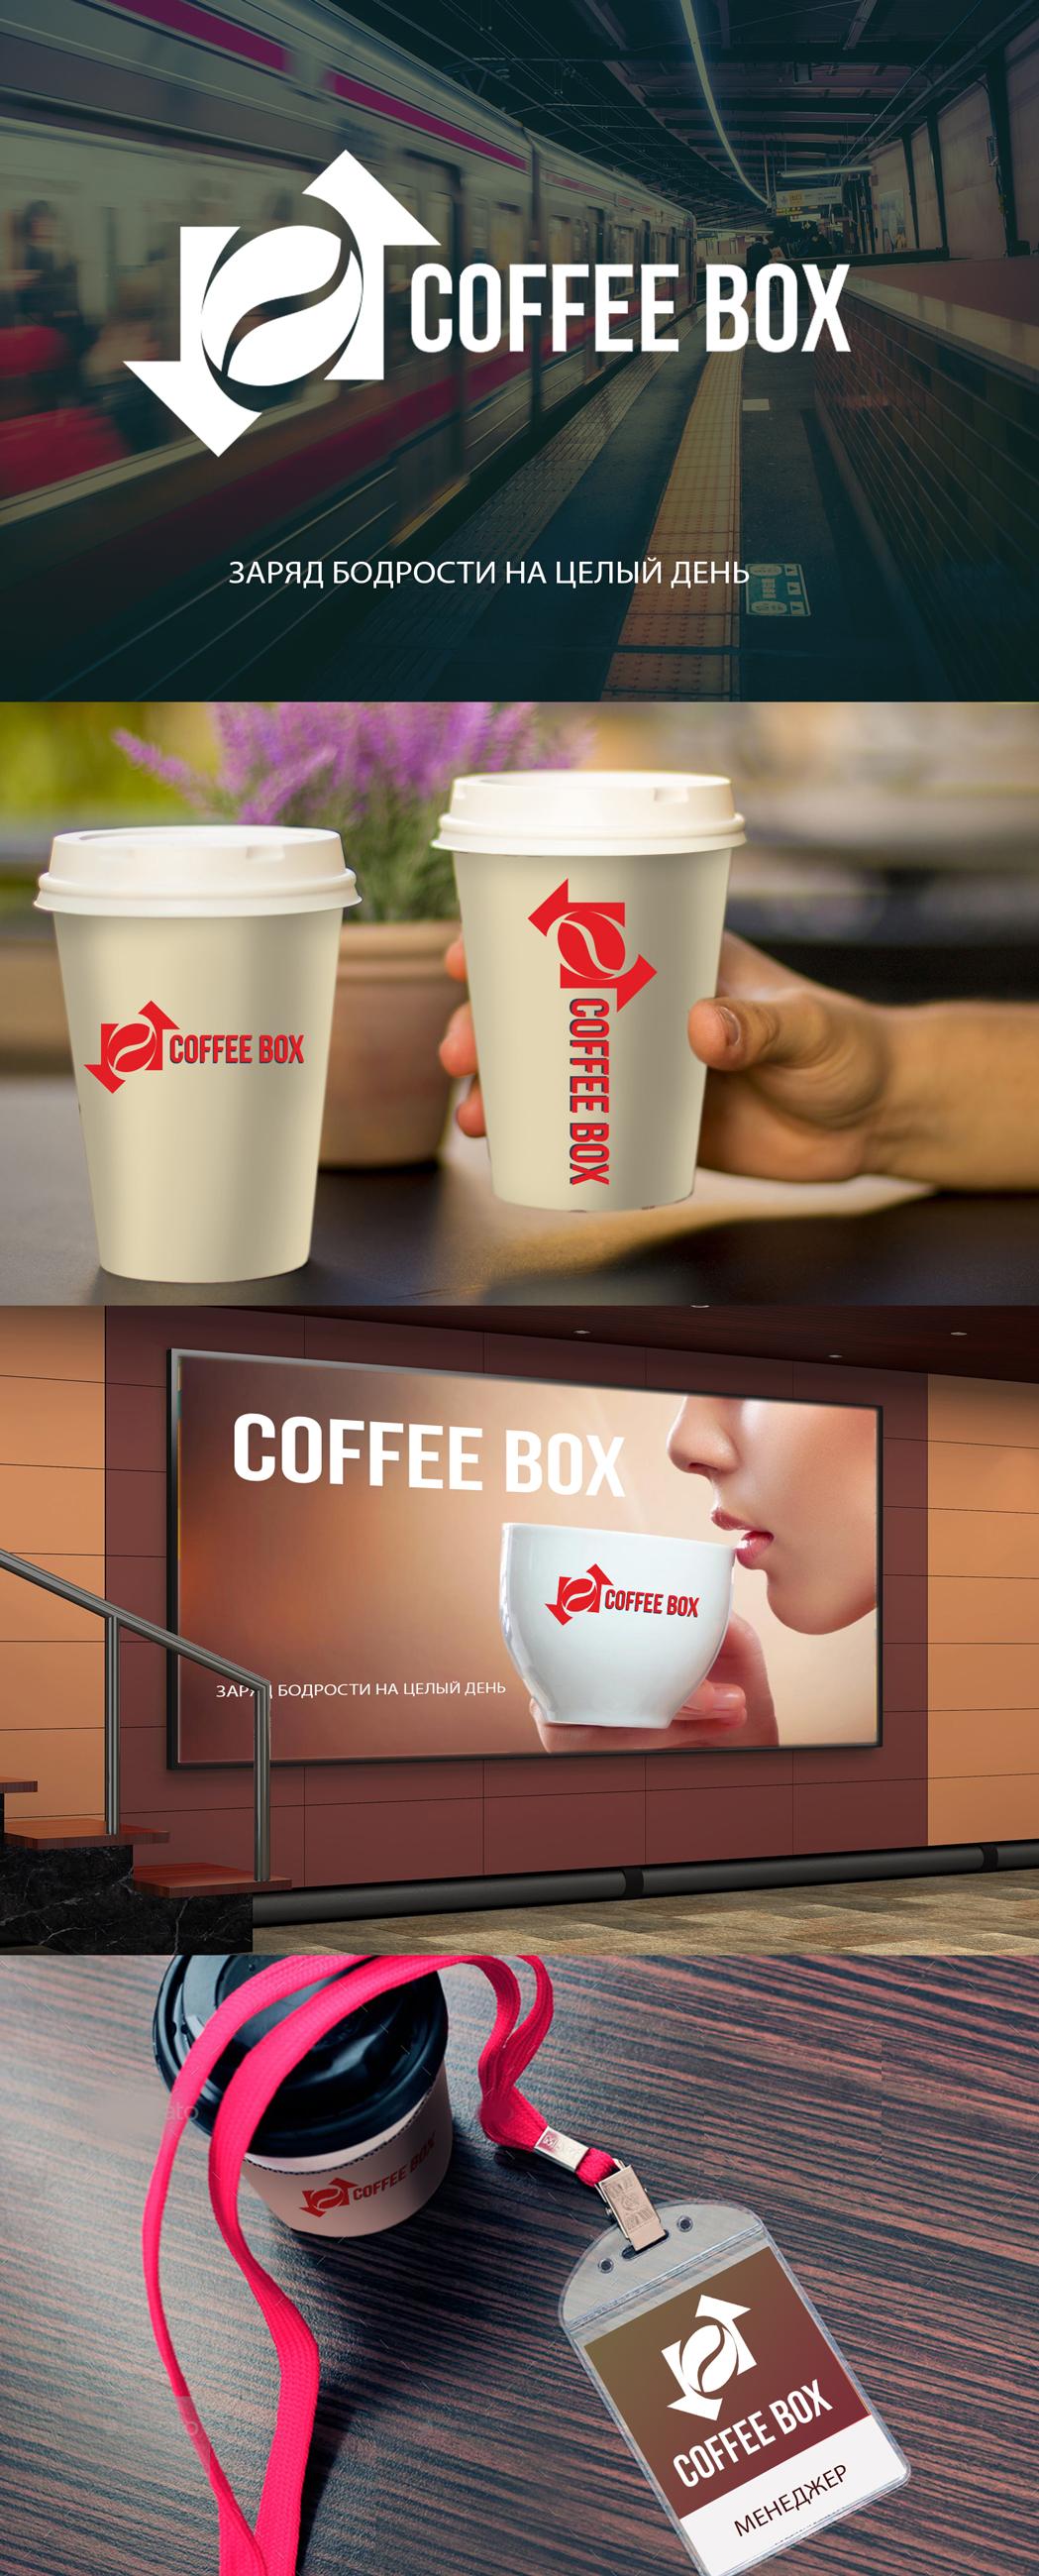 Требуется очень срочно разработать логотип кофейни! фото f_3535a1559101250a.jpg